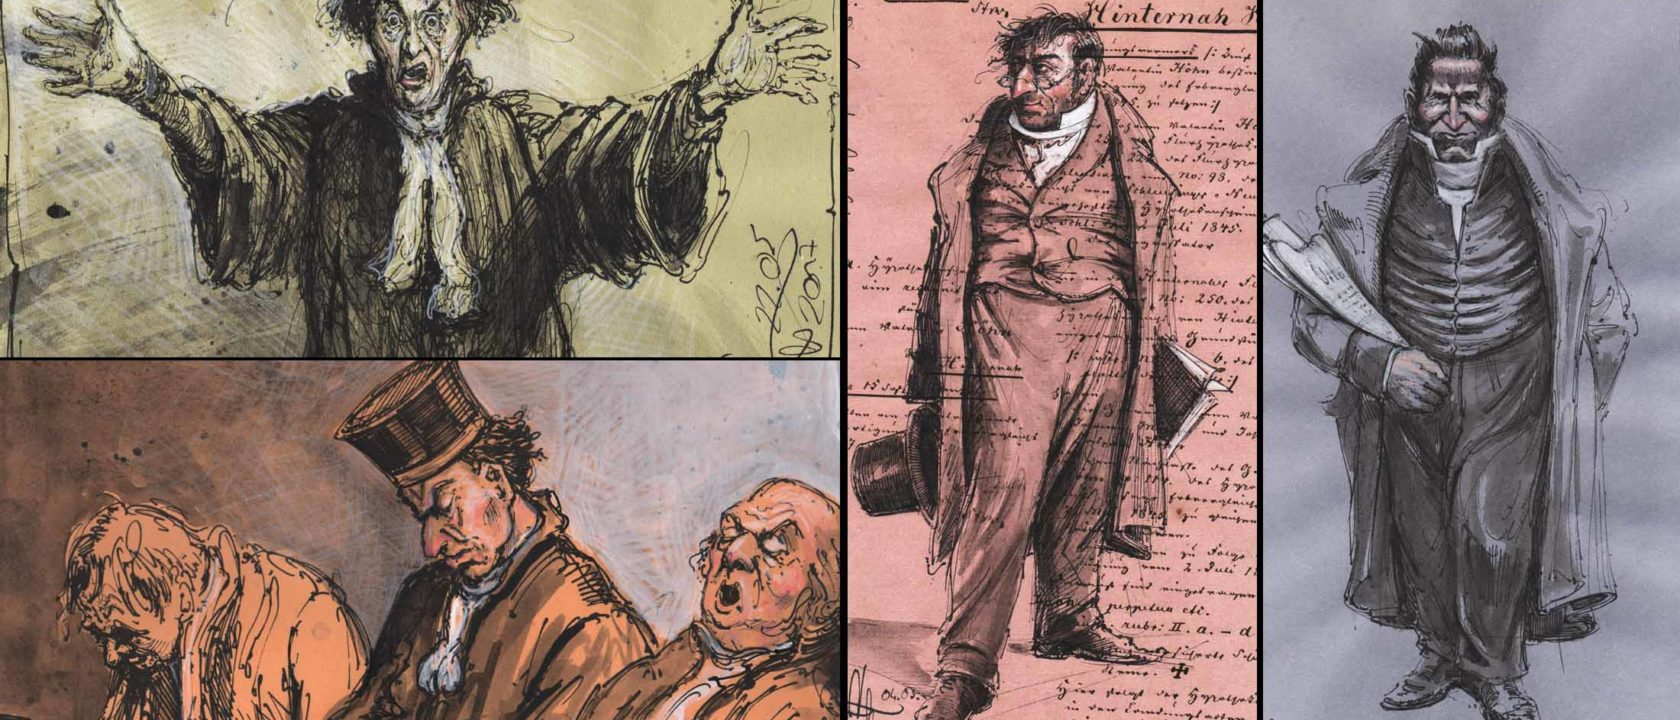 Welt des Honore Daumier